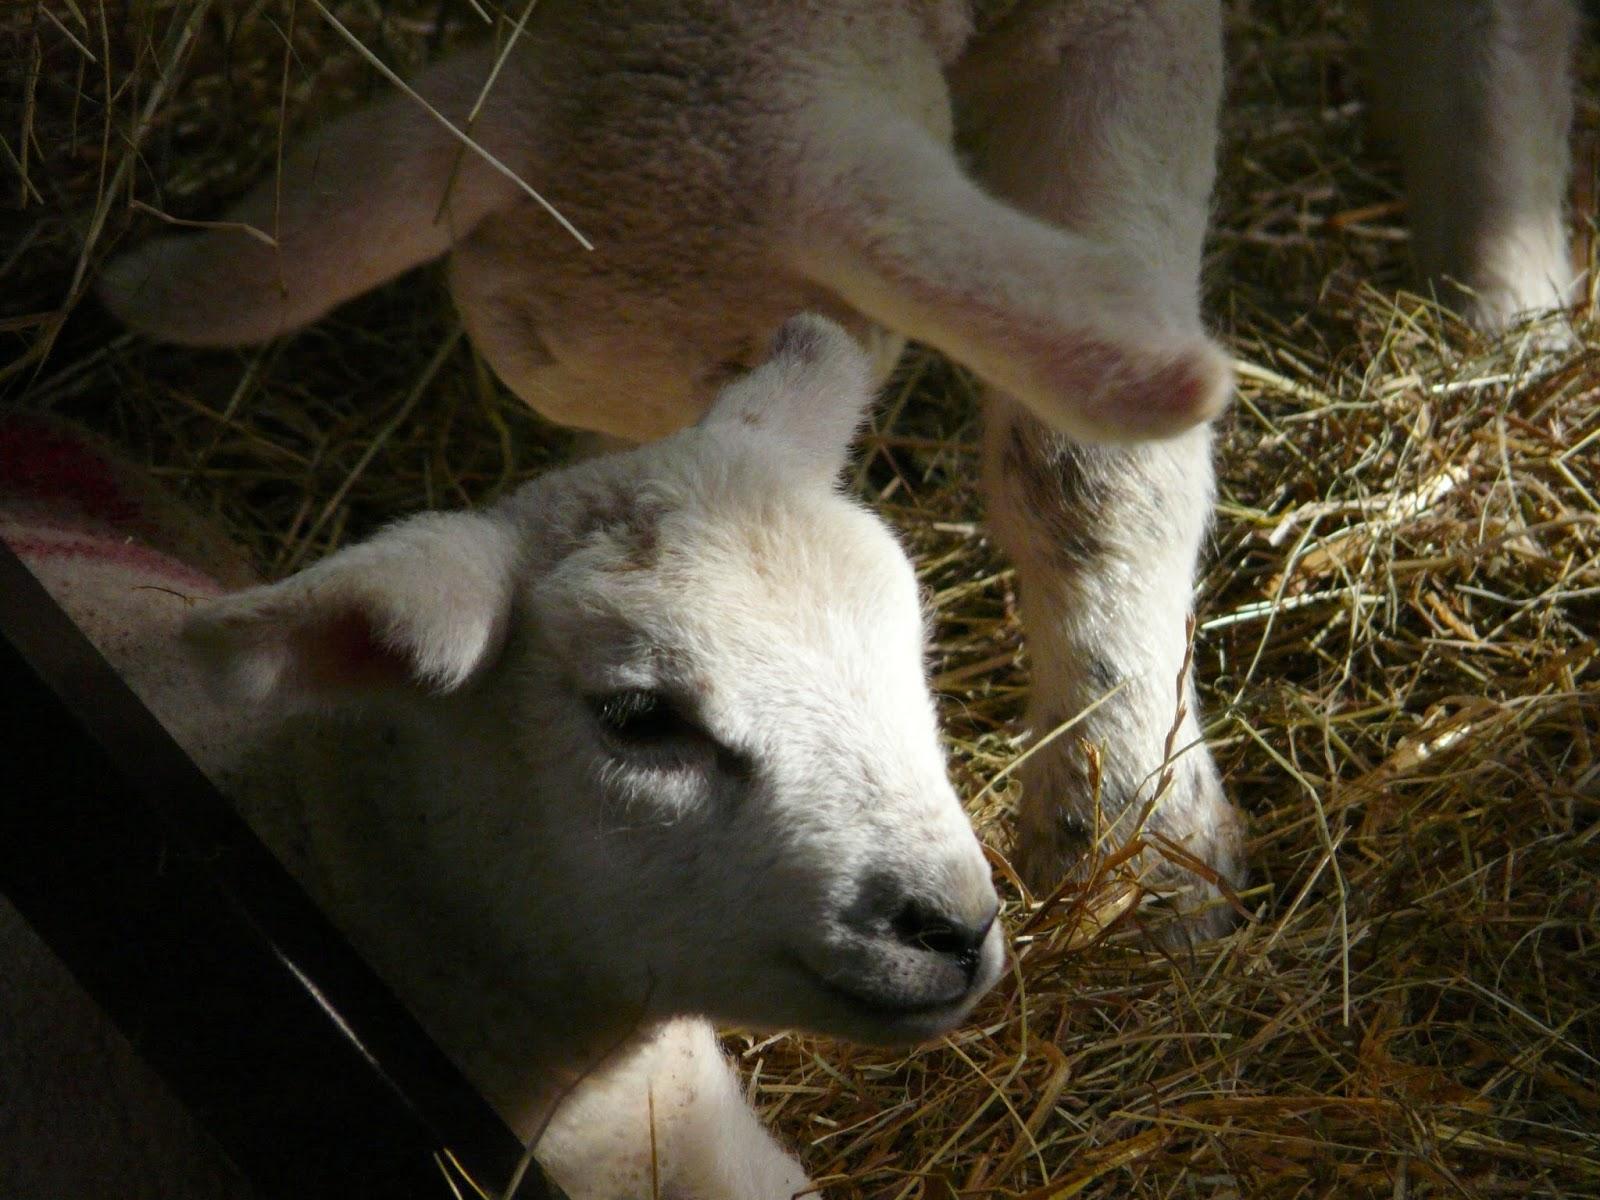 Eye Diseases in Lambs